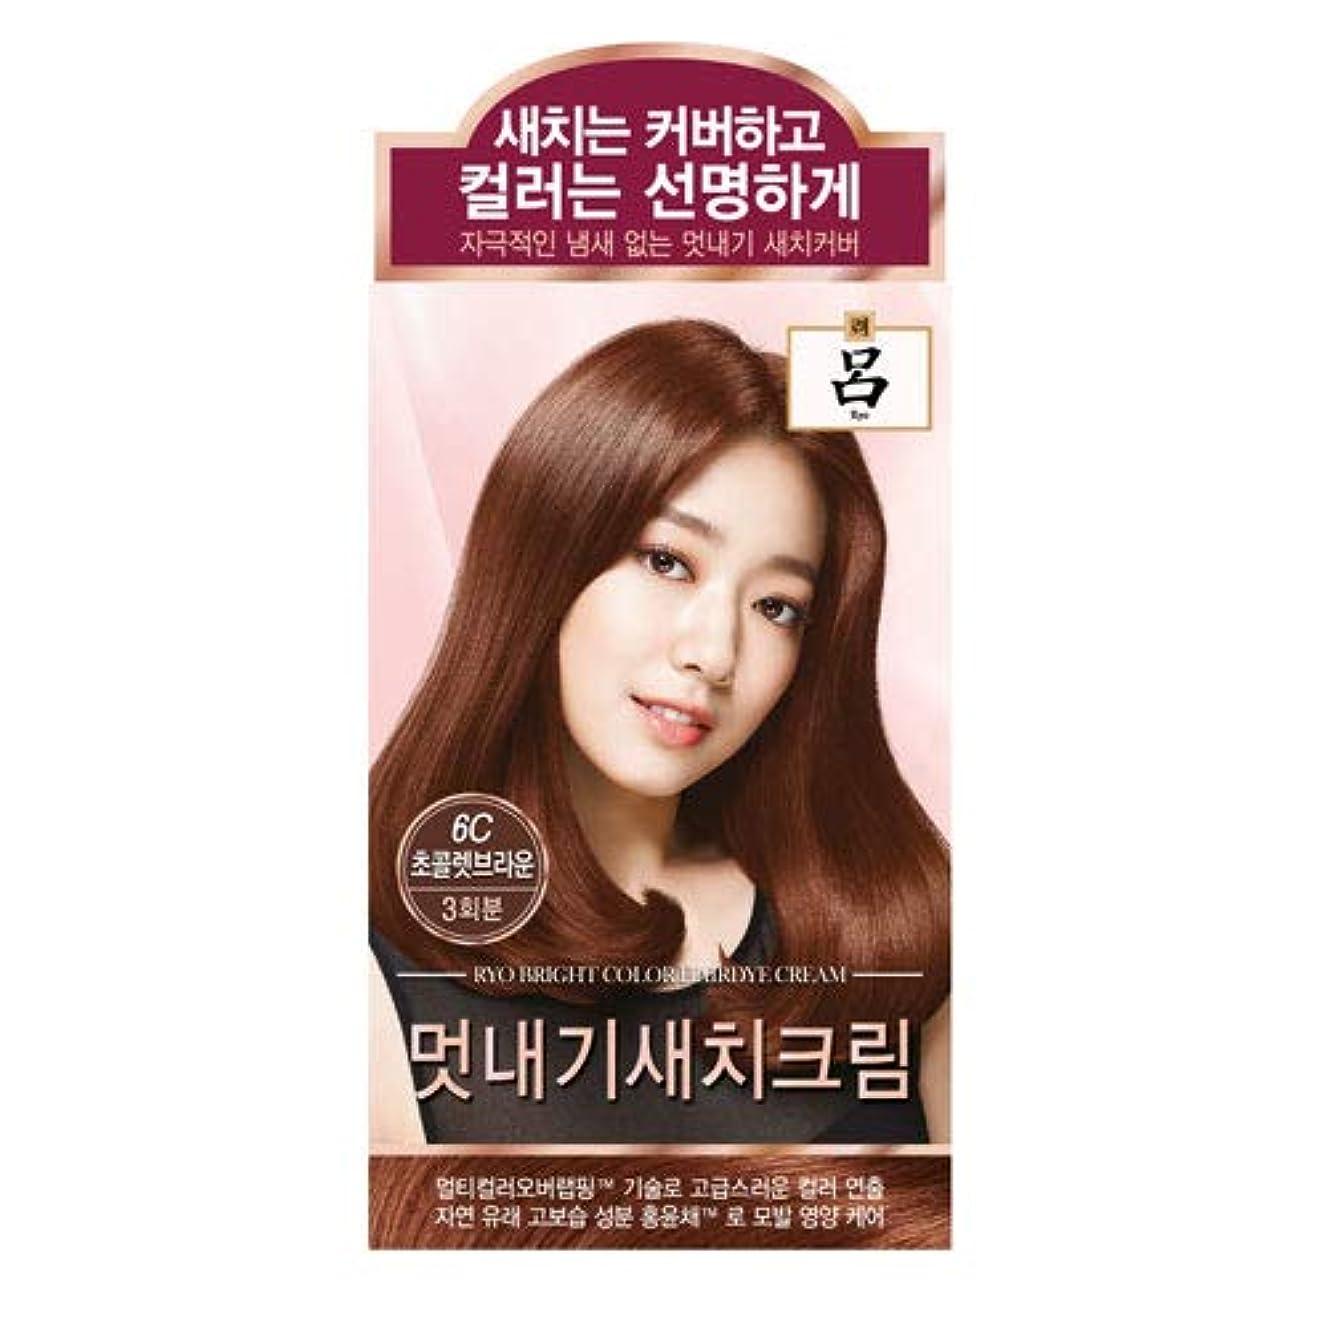 ダウン援助壮大アモーレパシフィック呂[AMOREPACIFIC/Ryo] ブライトカラーヘアアイクリーム 6C チョコレートブラウン/Bright Color Hairdye Cream 6C Chocolate Brown